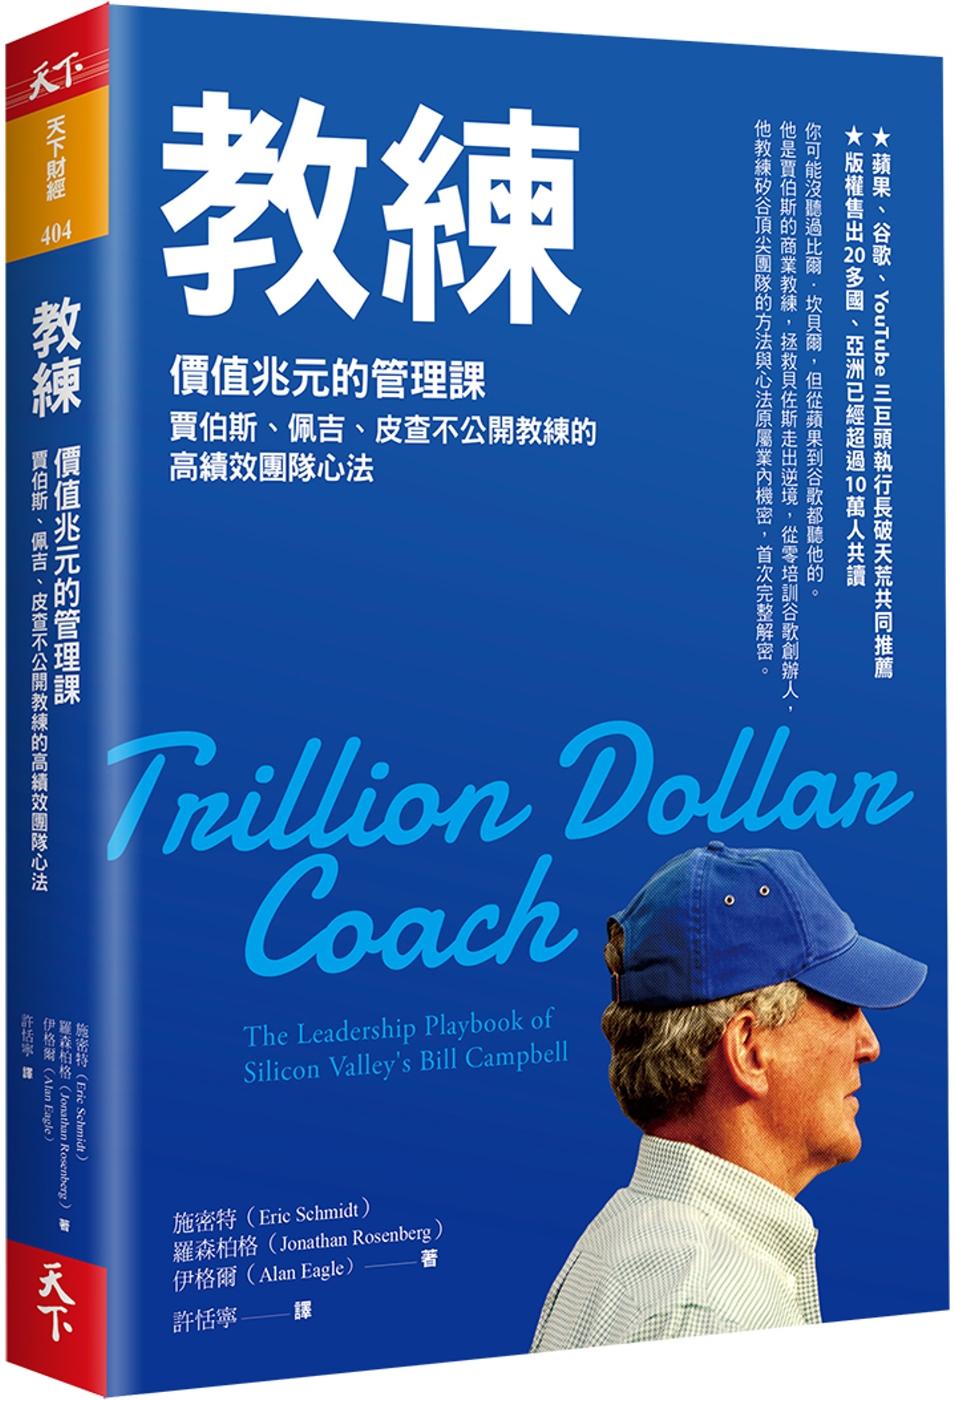 教練:賈伯斯、佩吉、皮查不公開教練的高績效團隊心法